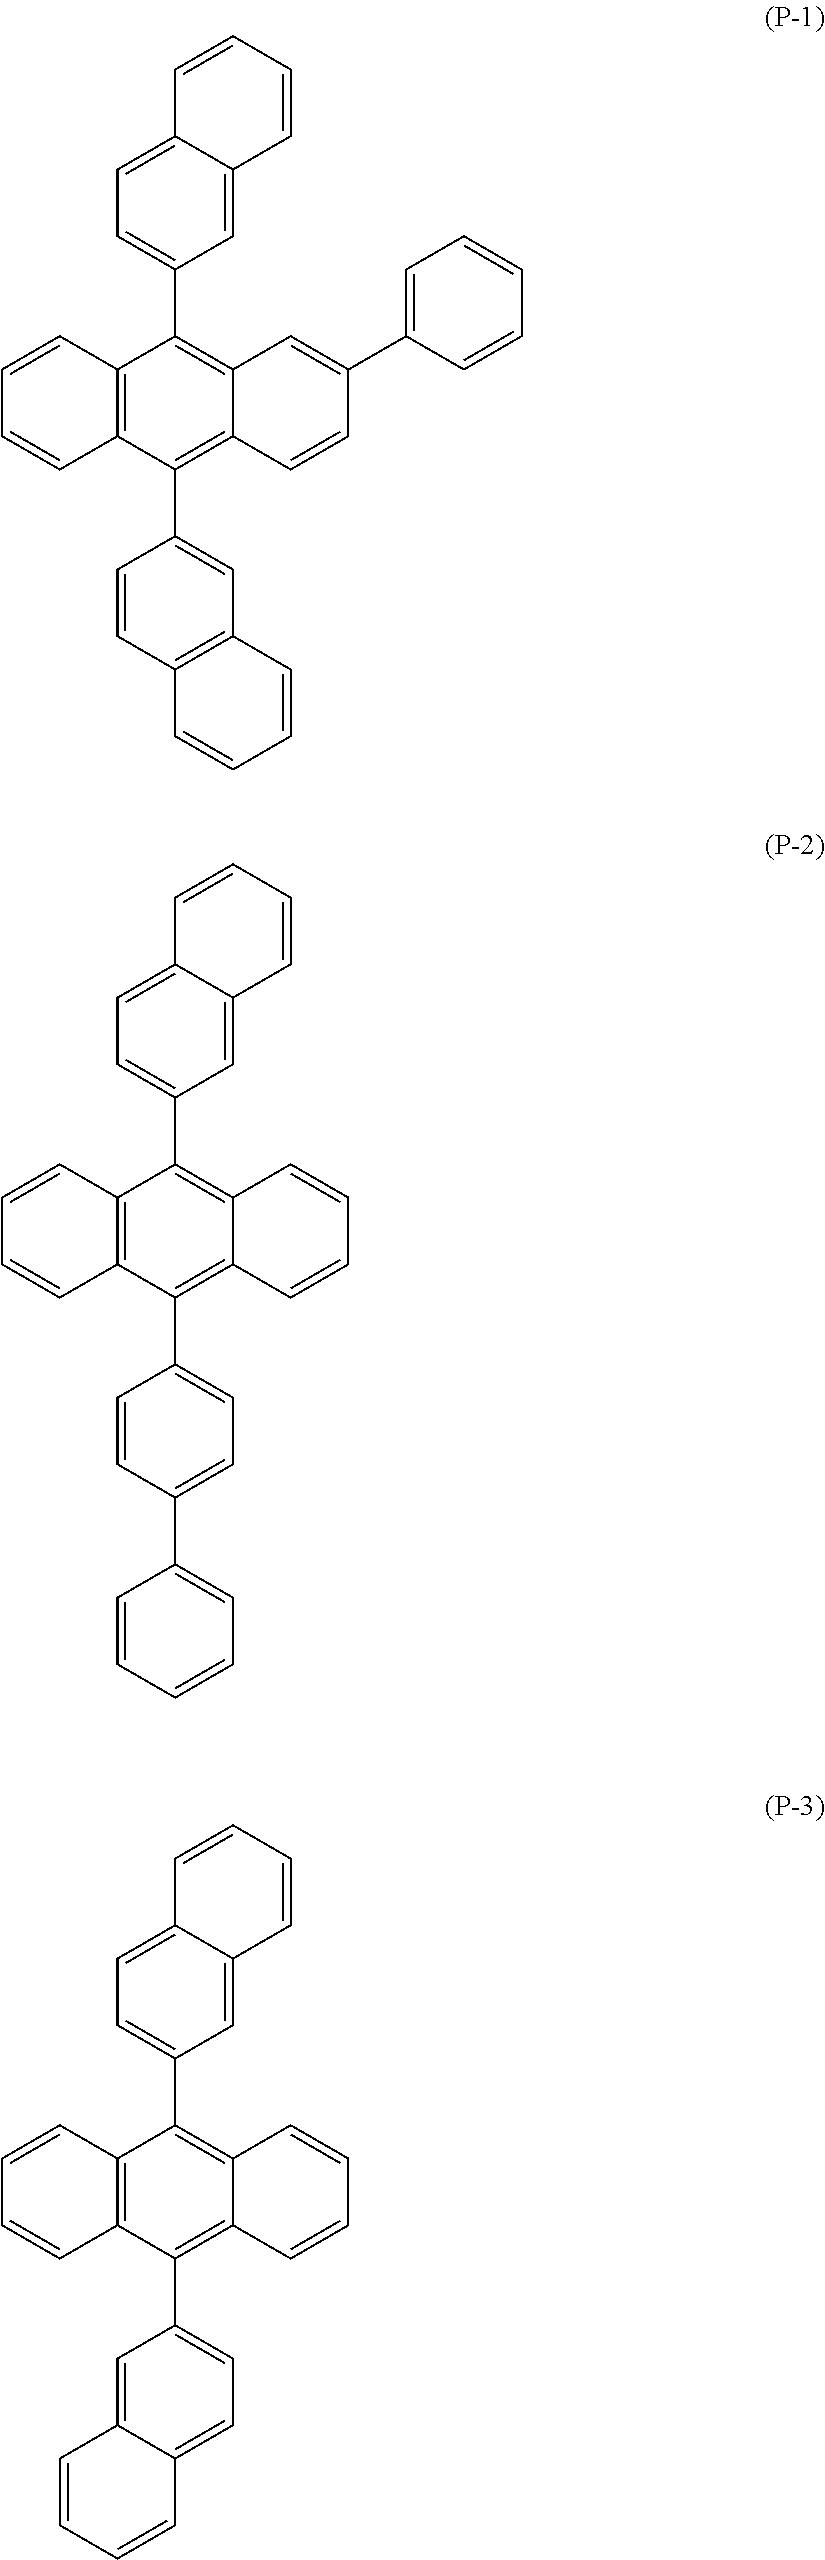 Figure US08216697-20120710-C00070